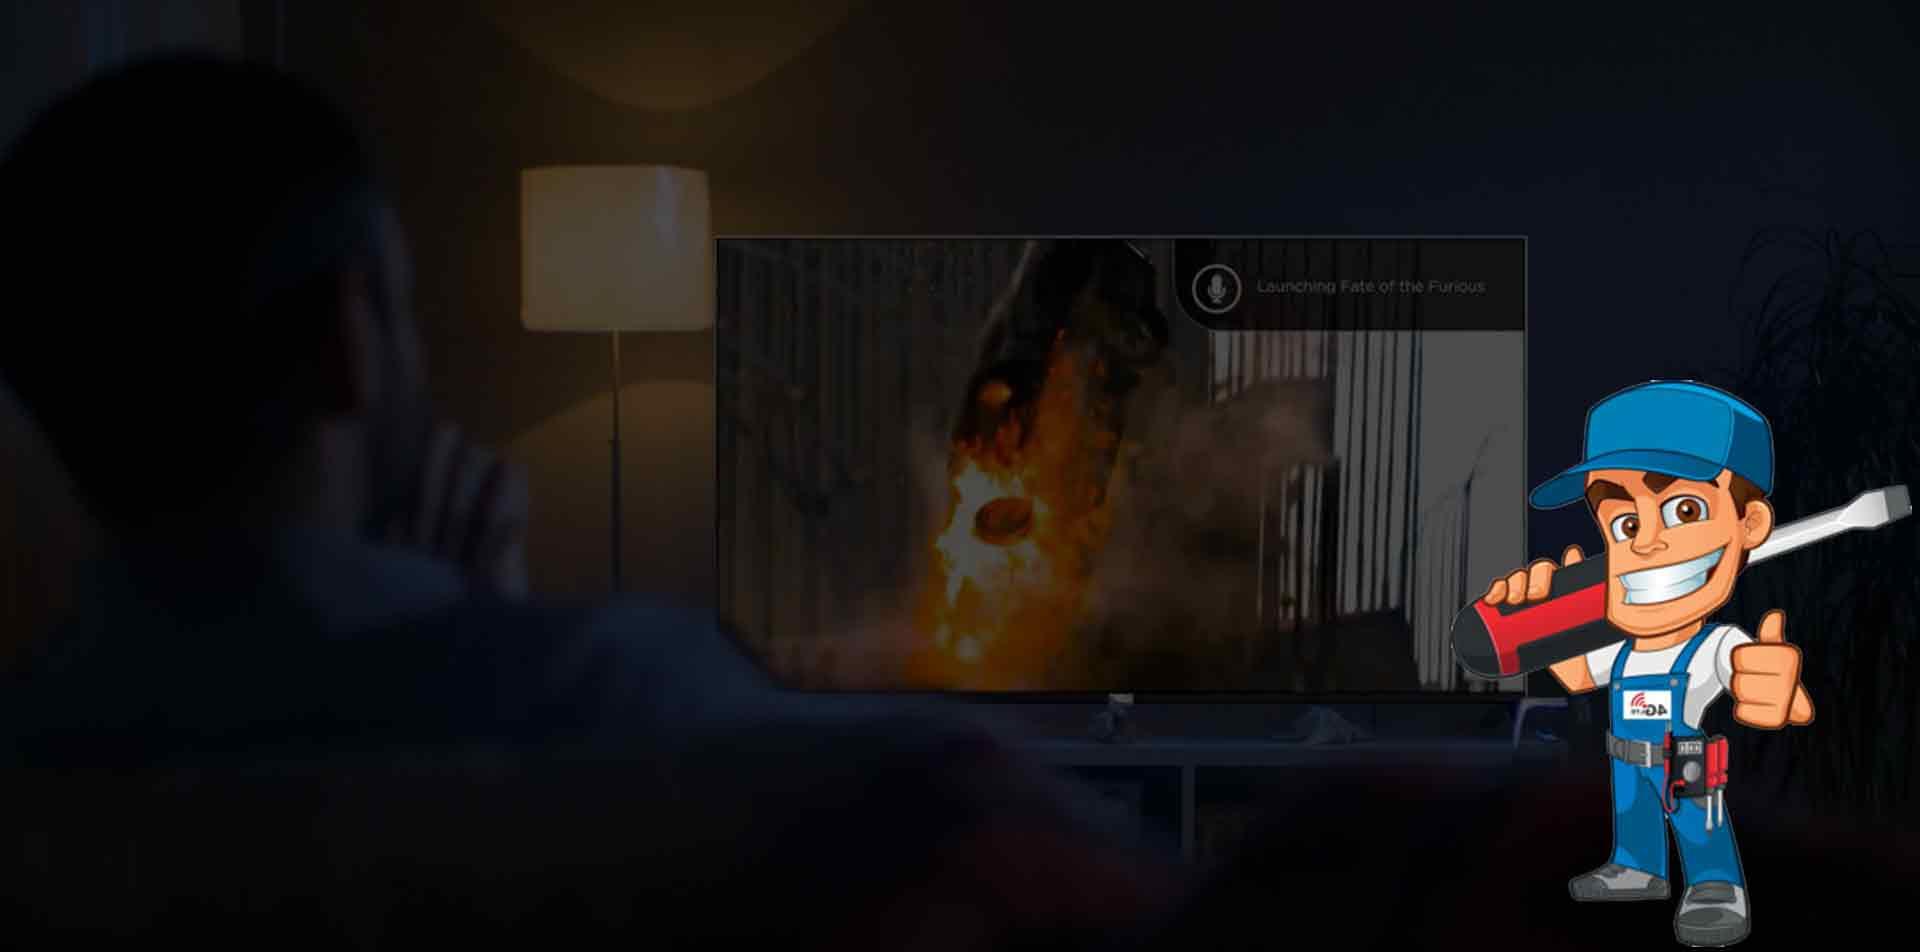 تعمیرات تلویزیون وستل در منزل